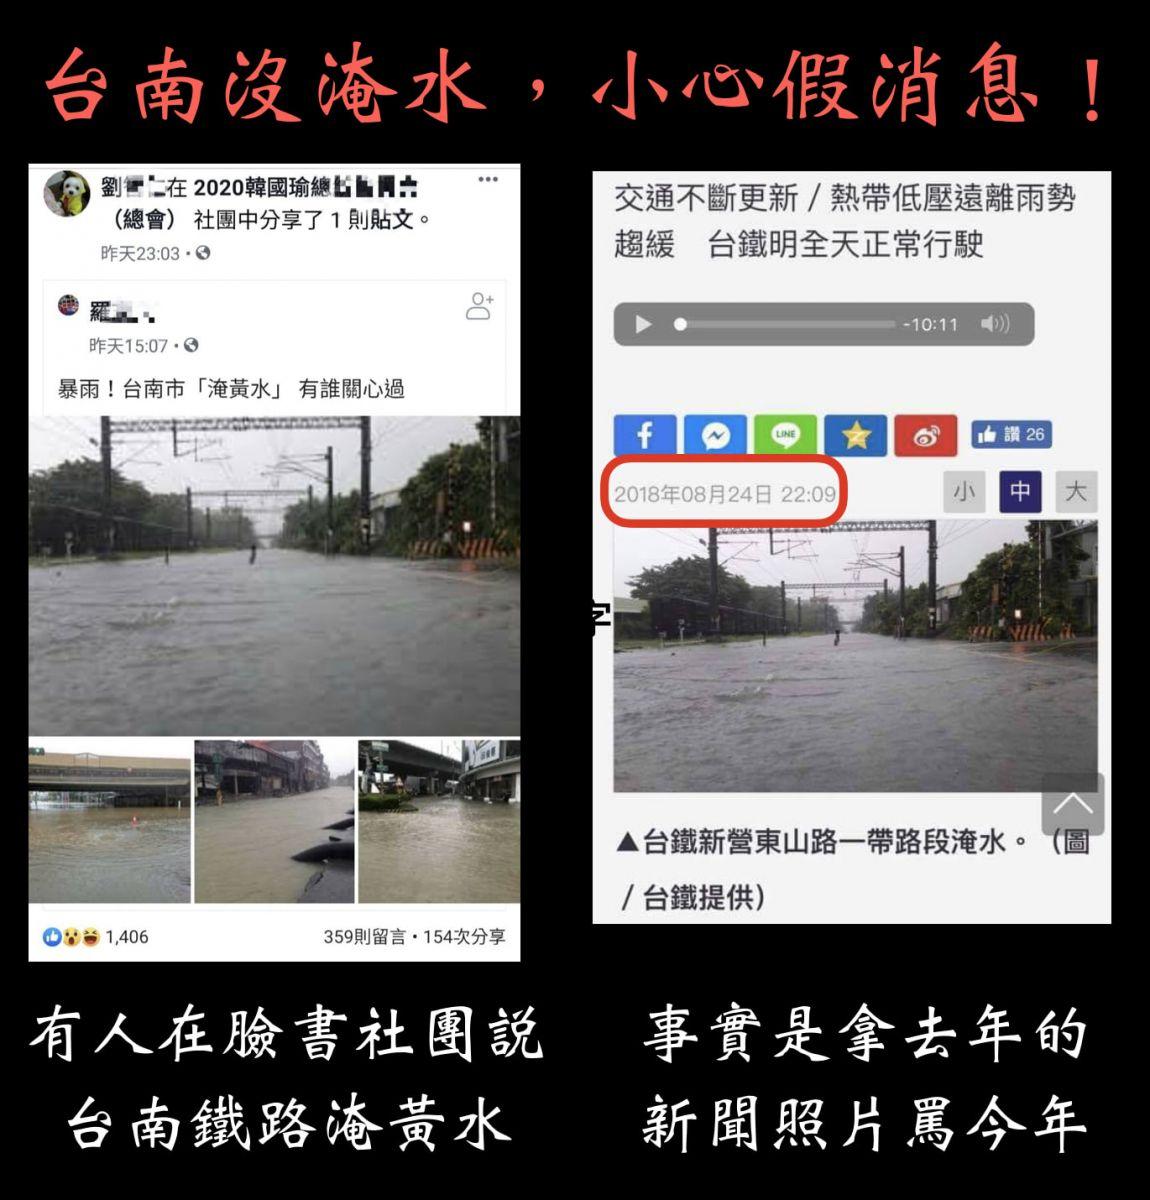 台南「淹黃水」?市府澄清:假消息,拿去年照片罵今年 將依法提出告訴